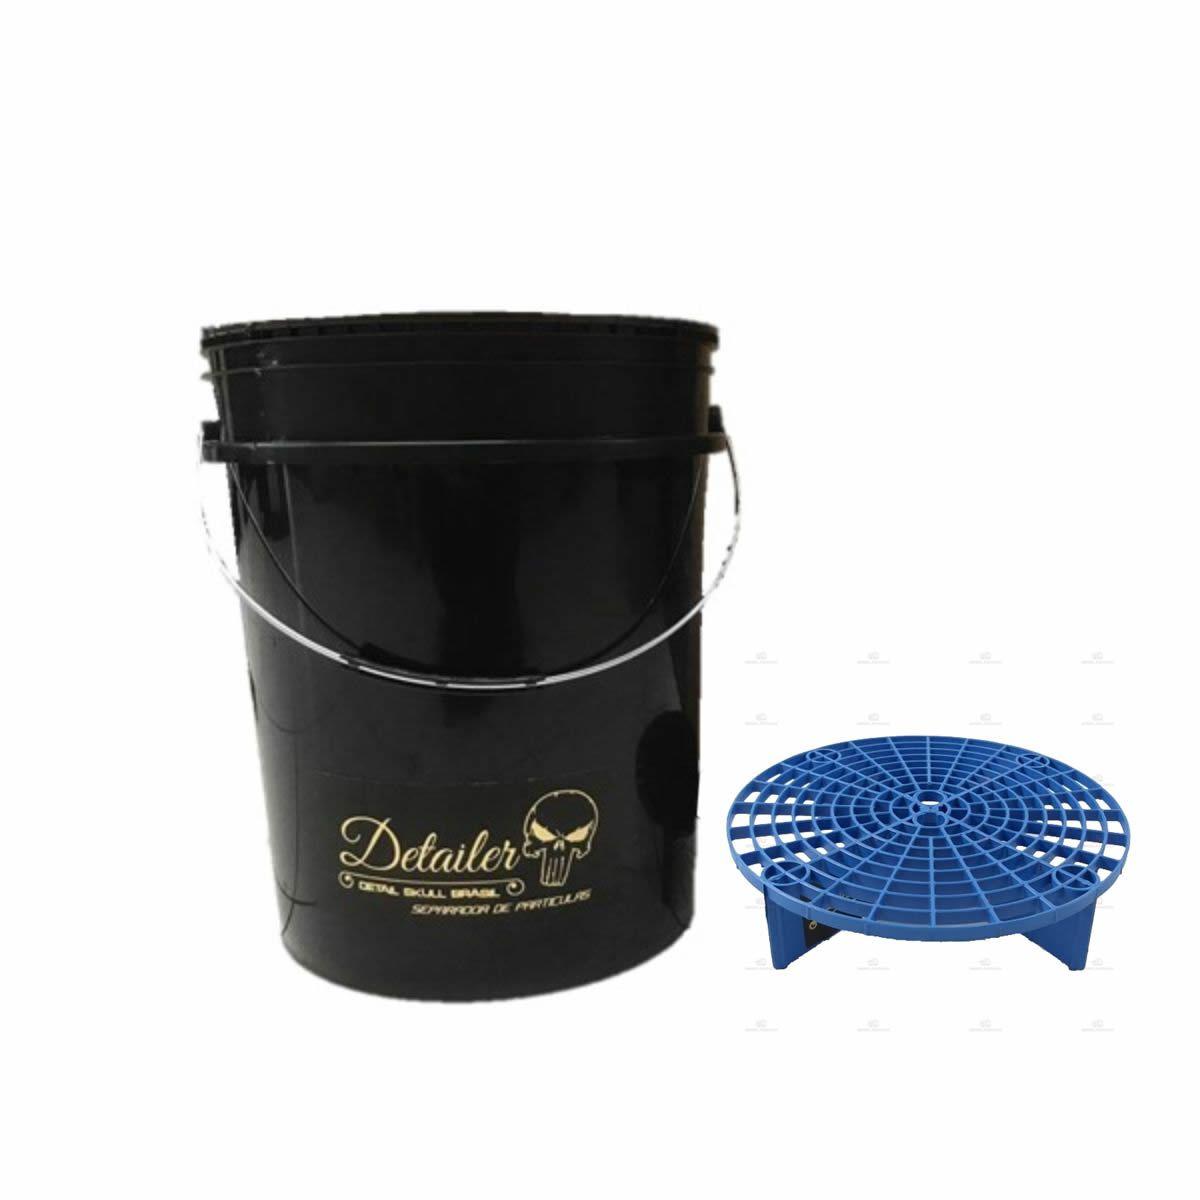 Balde Separador de Partículas Detailer - Grelha Azul  - Loja Go Eco Wash